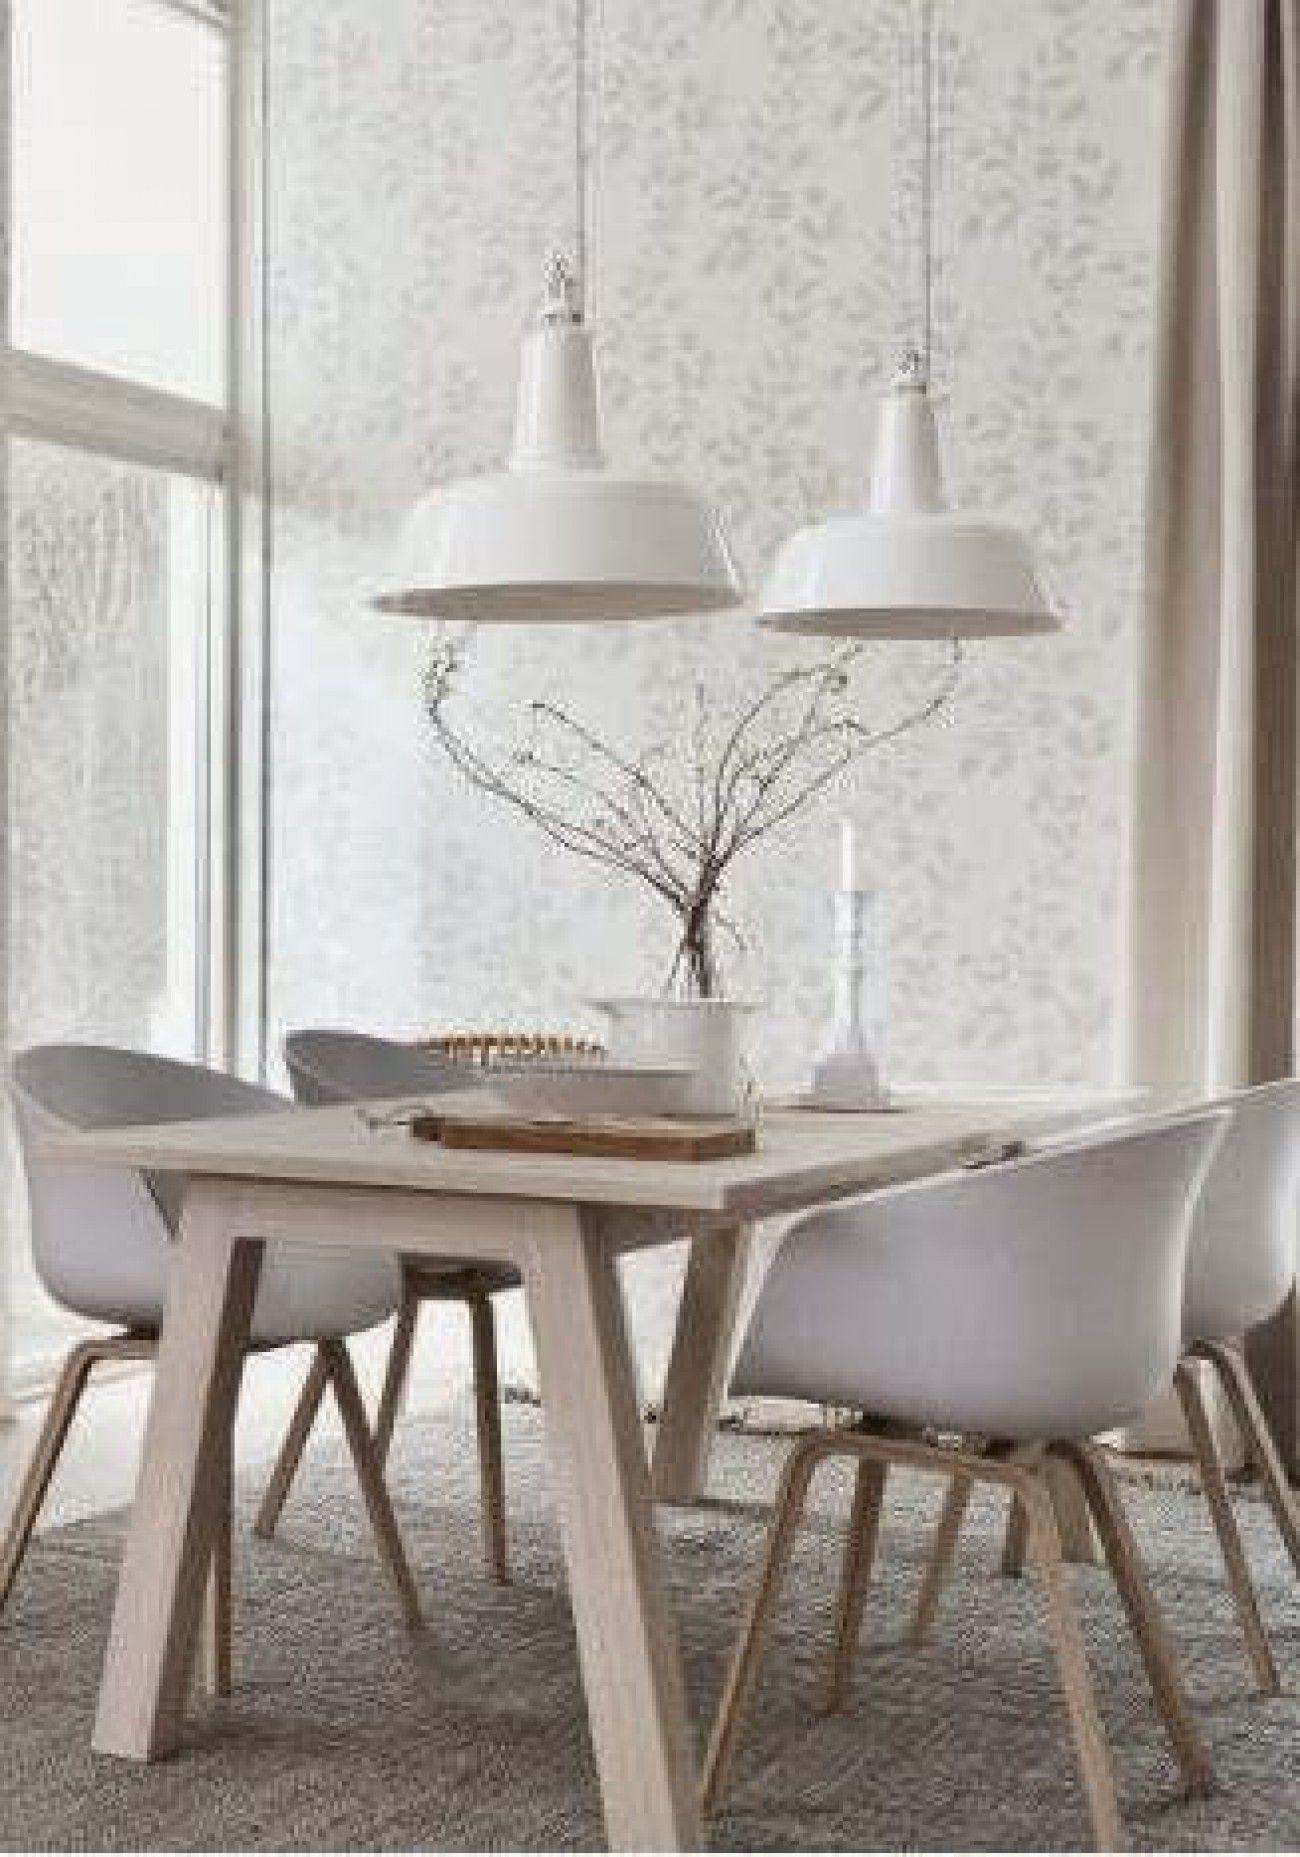 Industrieel interieur scandinavisch interieur for Ikarus design lampen